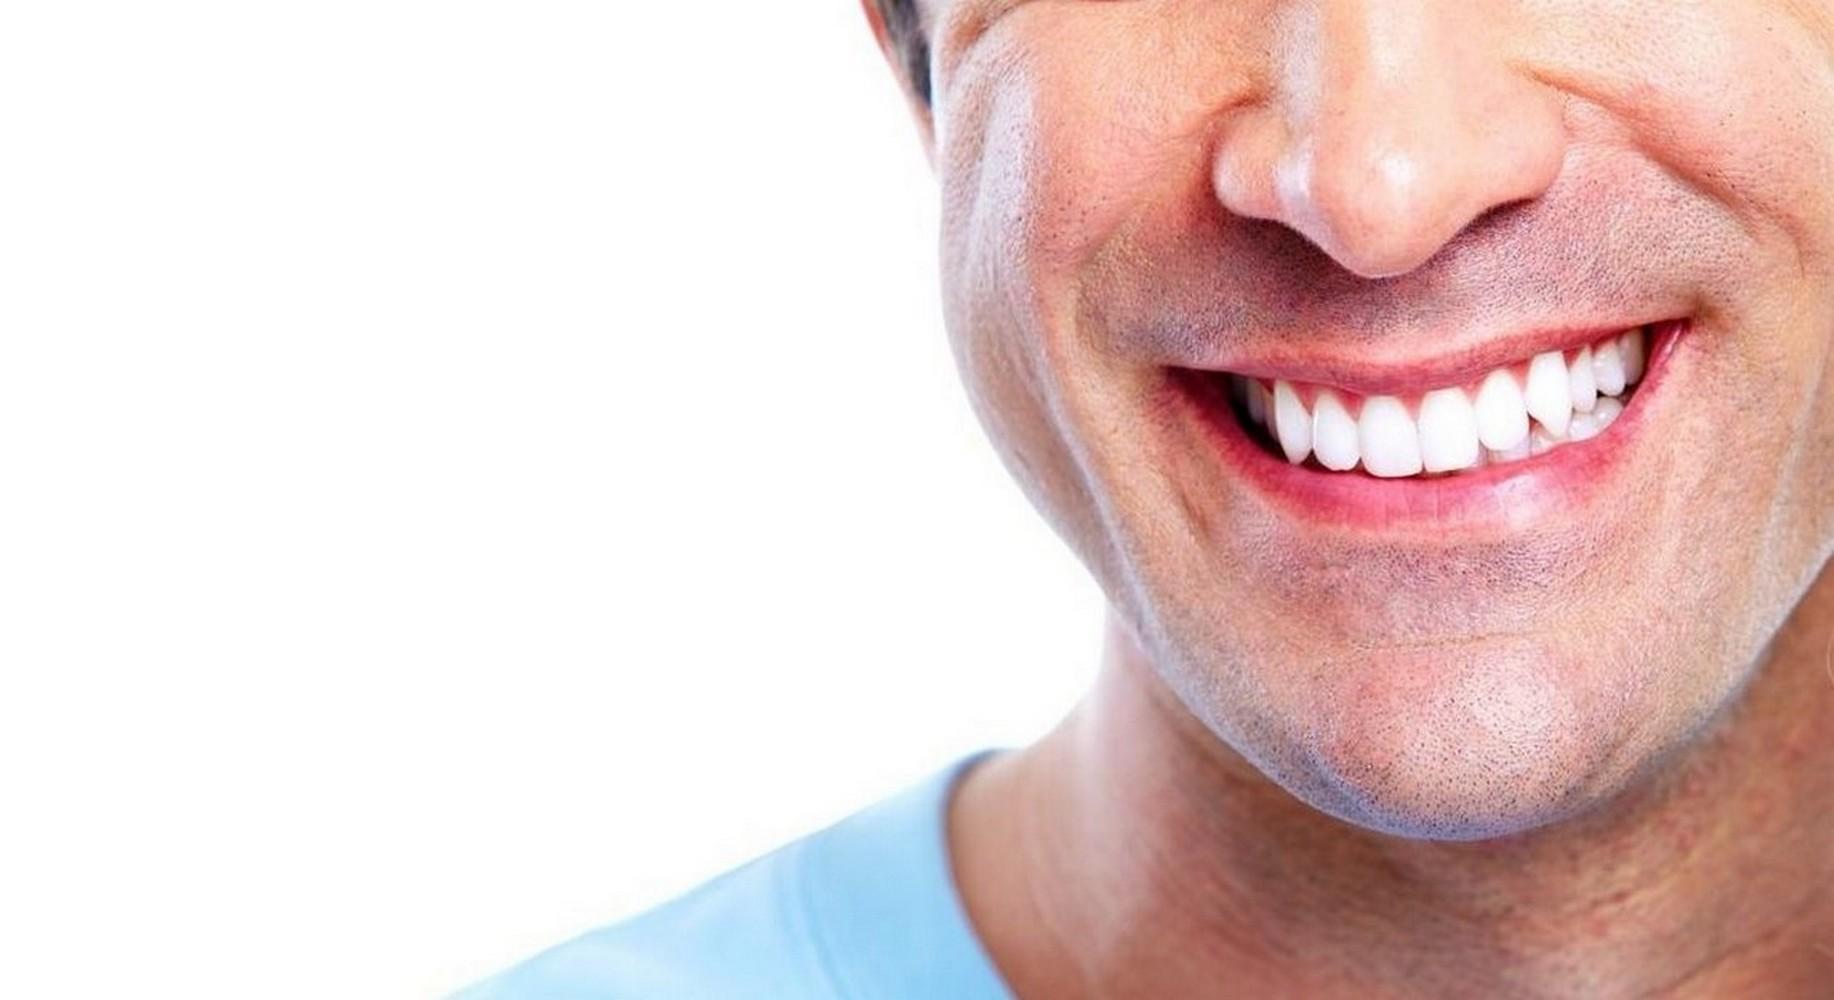 Hollywoodzki uśmiech, czyli jak dbać o zęby - MrGentleman.pl